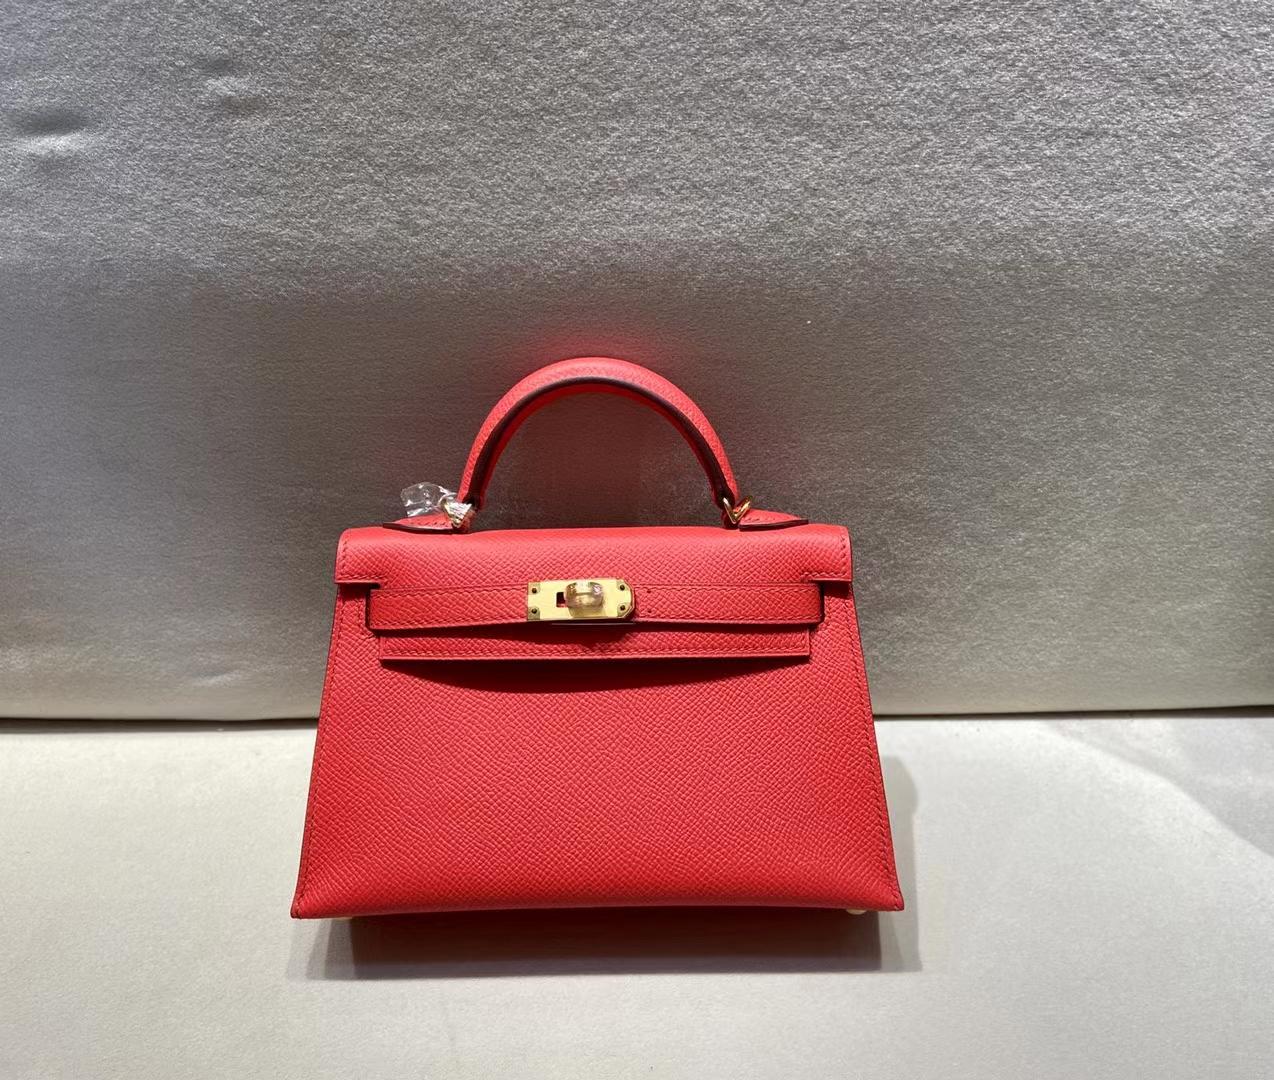 Hermès(爱马仕)miniKelly 二代 epsom 53正红 金扣 顶级品质 现货